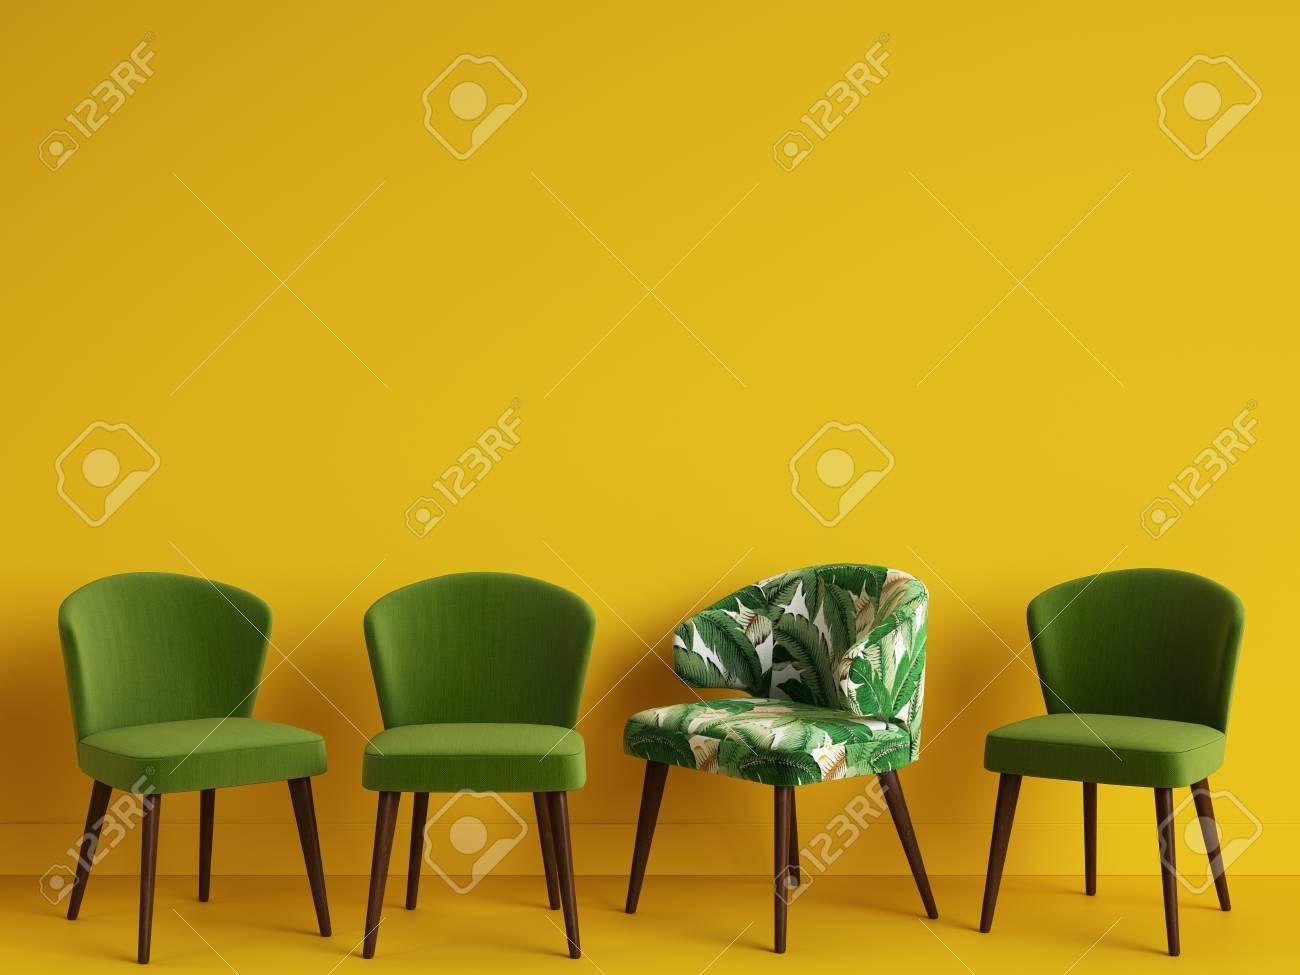 Ein Grüner Stuhl Mit Muster Tropischen Blättern Unter Einfachen